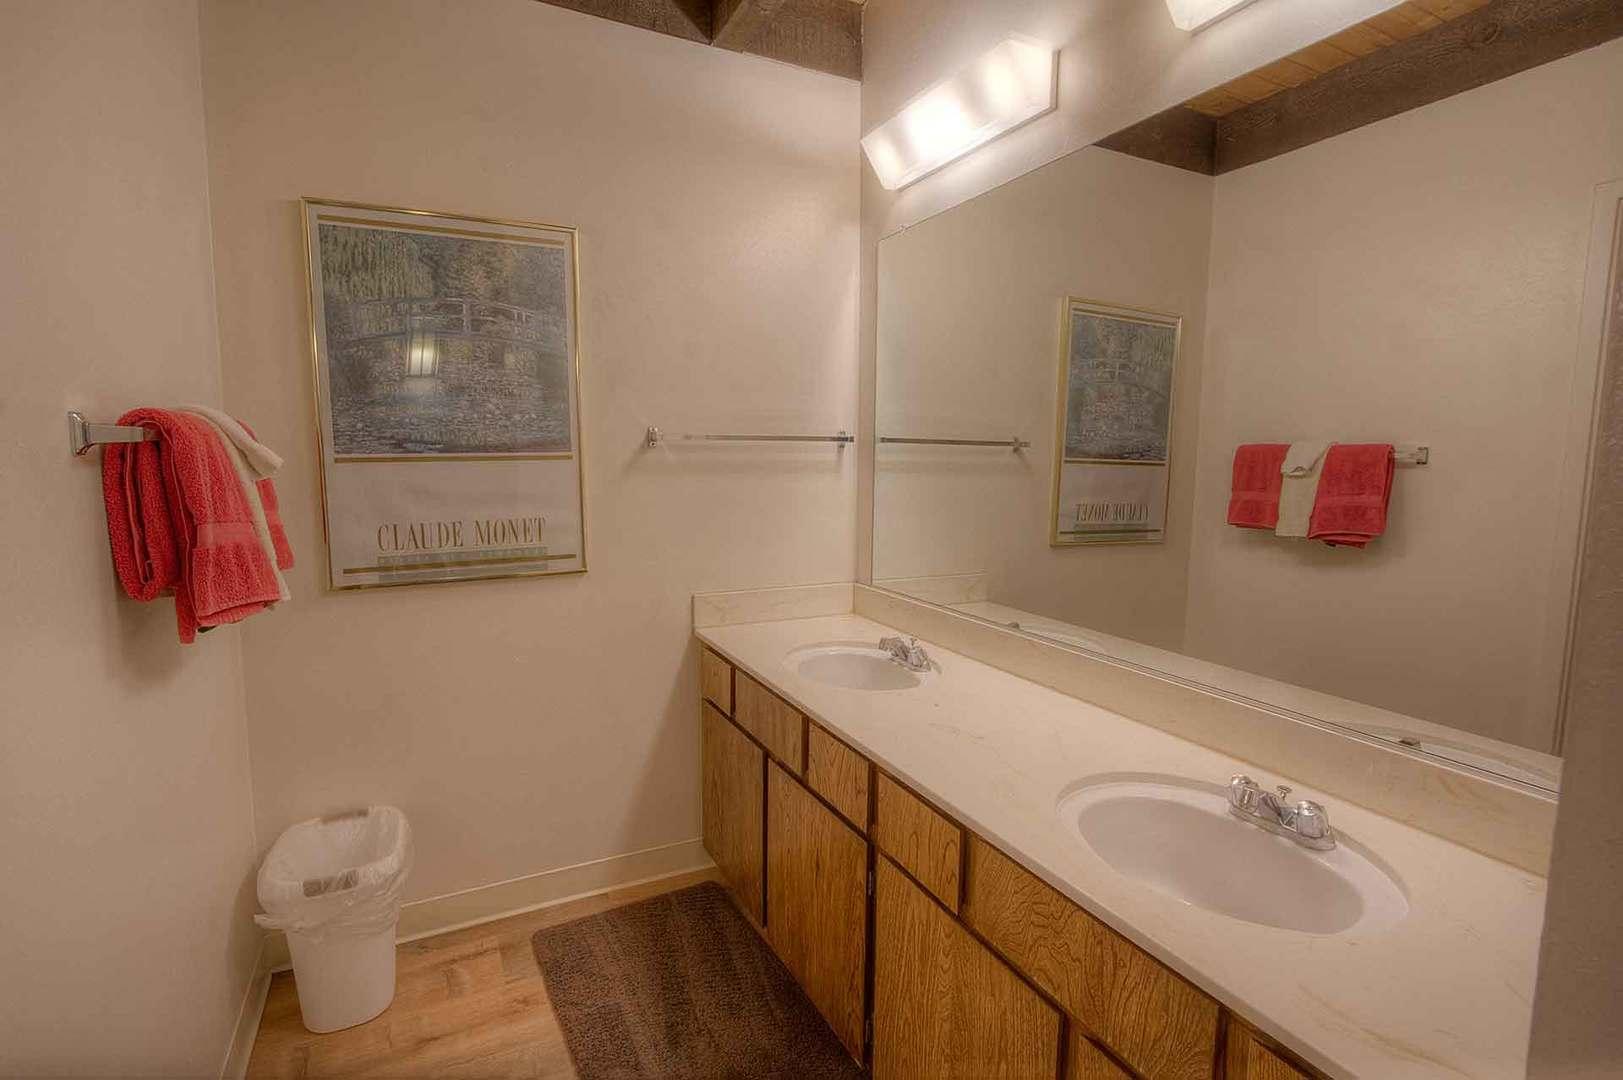 kwc1030 bathroom